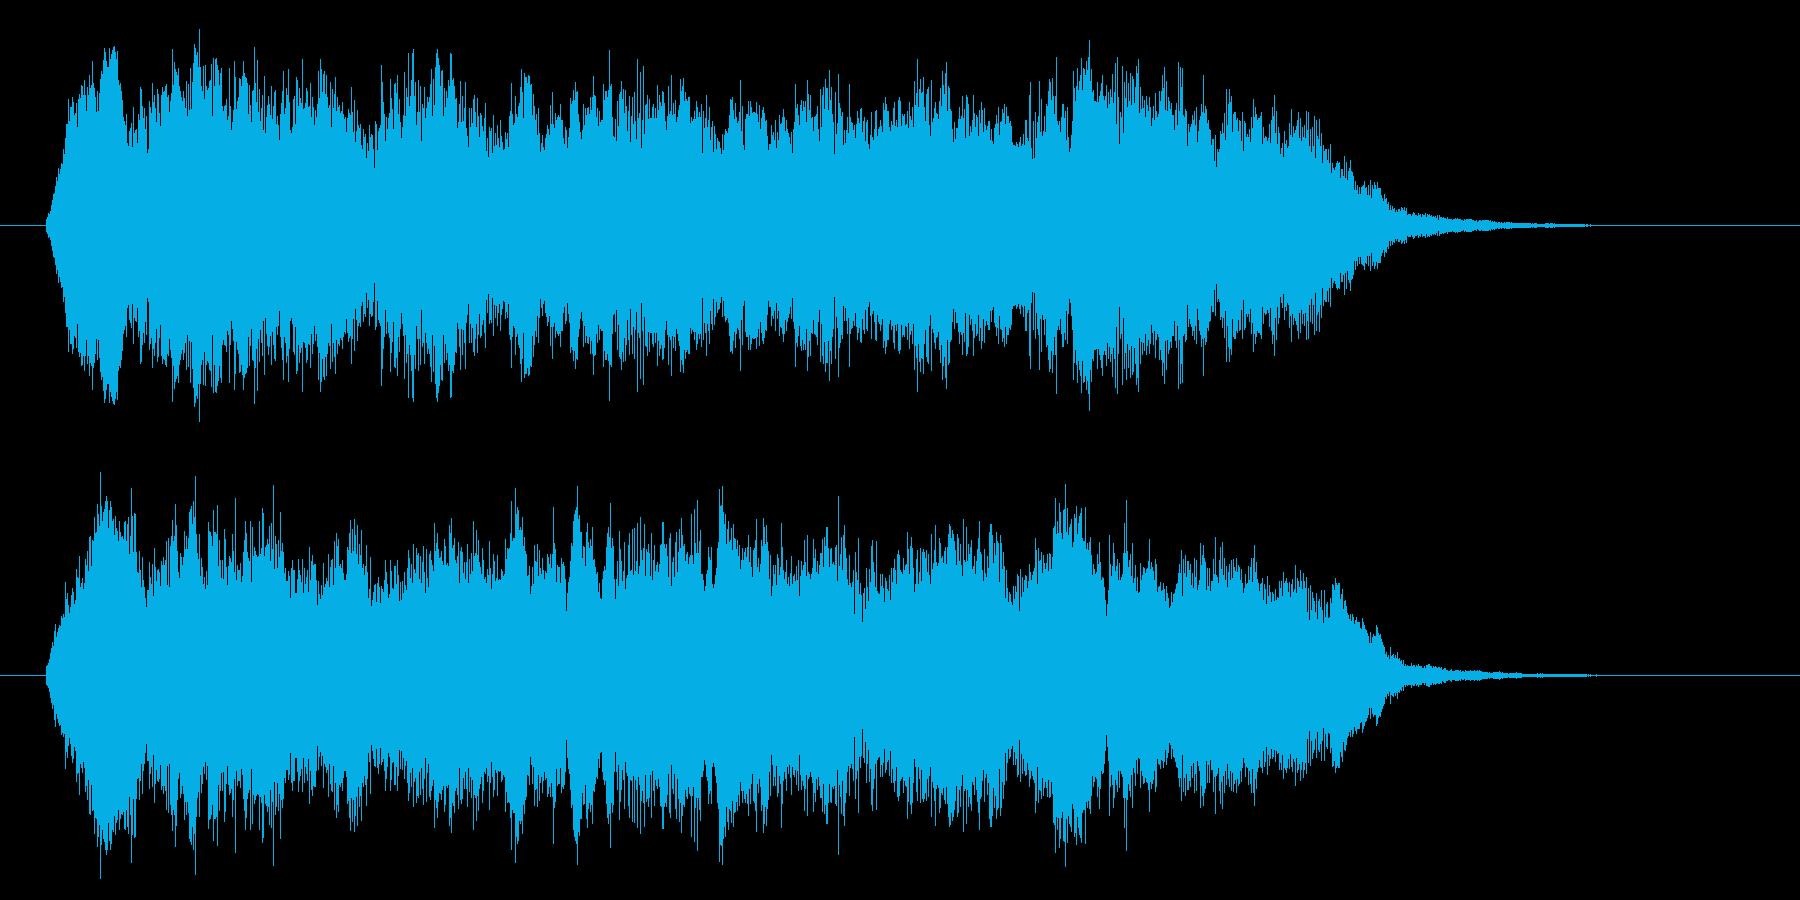 ストリングスの哀愁のあるジングルの再生済みの波形